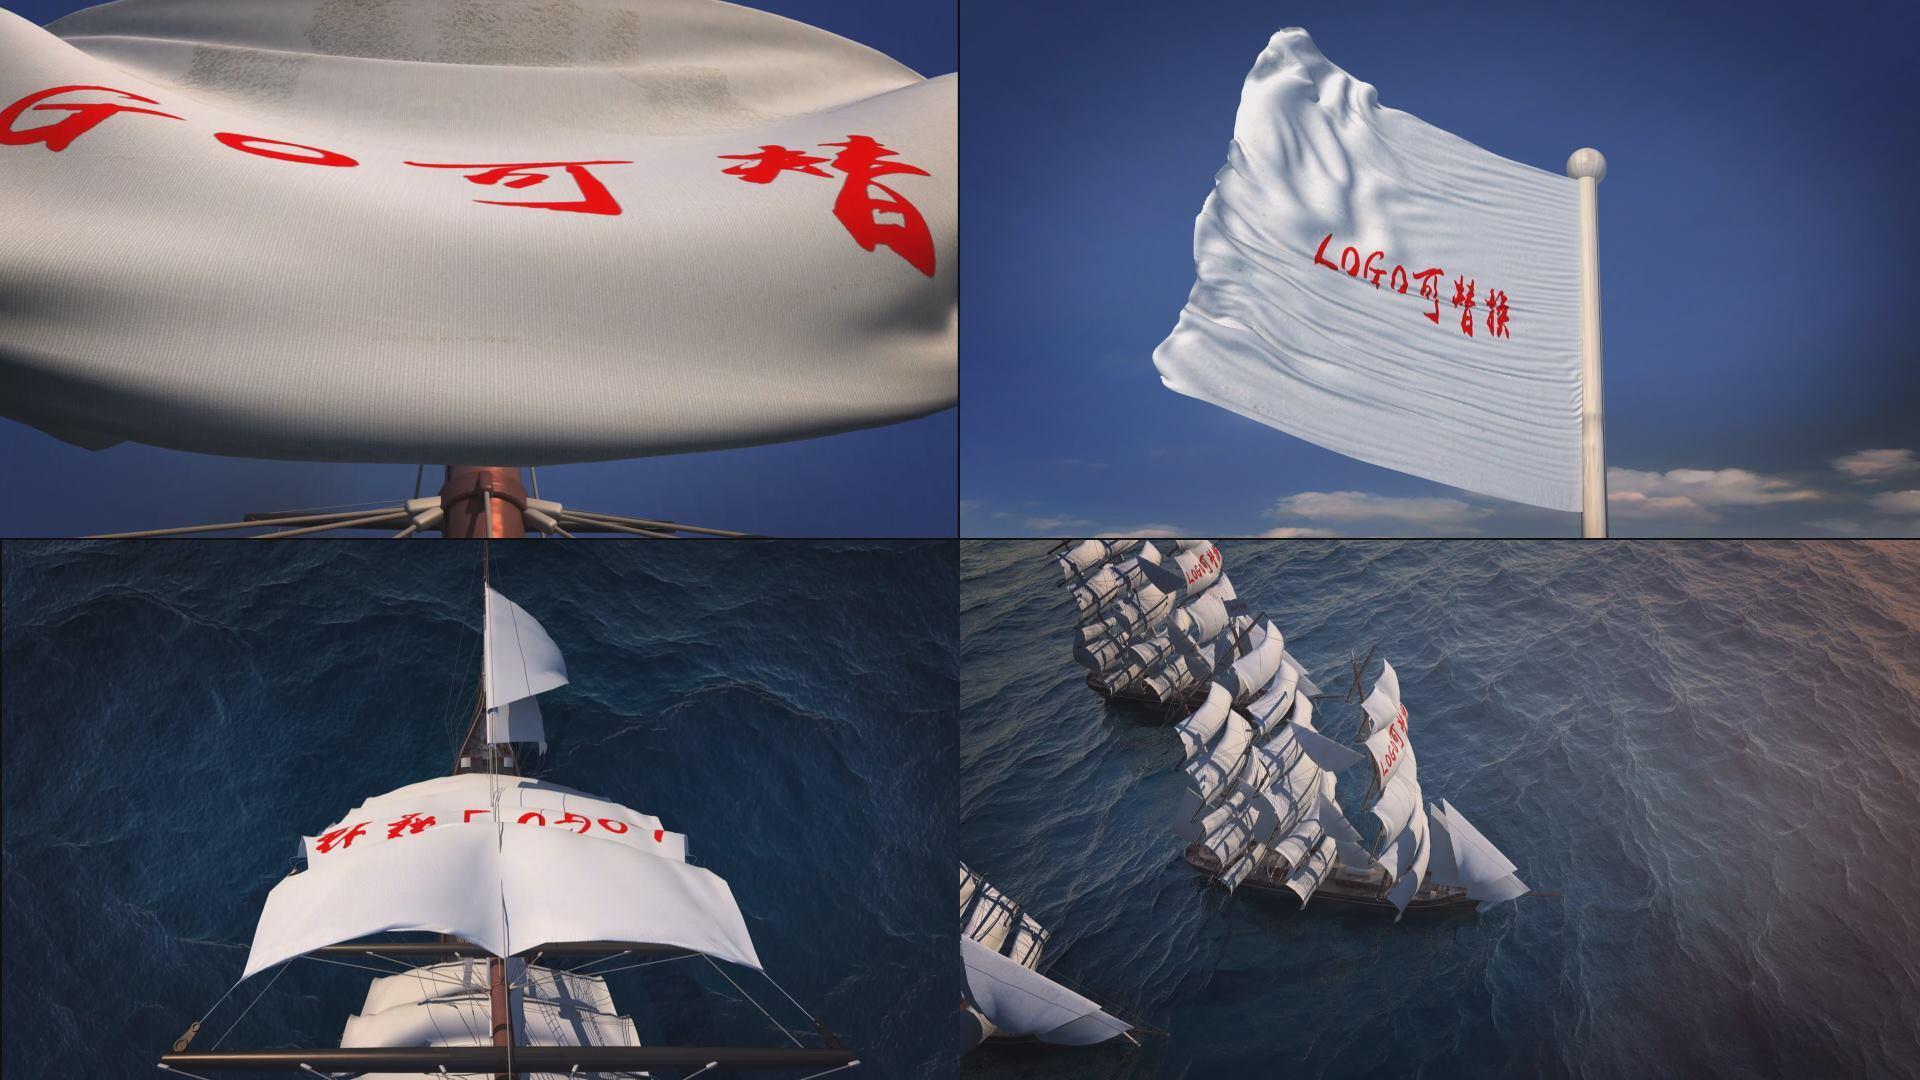 1年會船揚帆起航logo海上一帶一路片頭